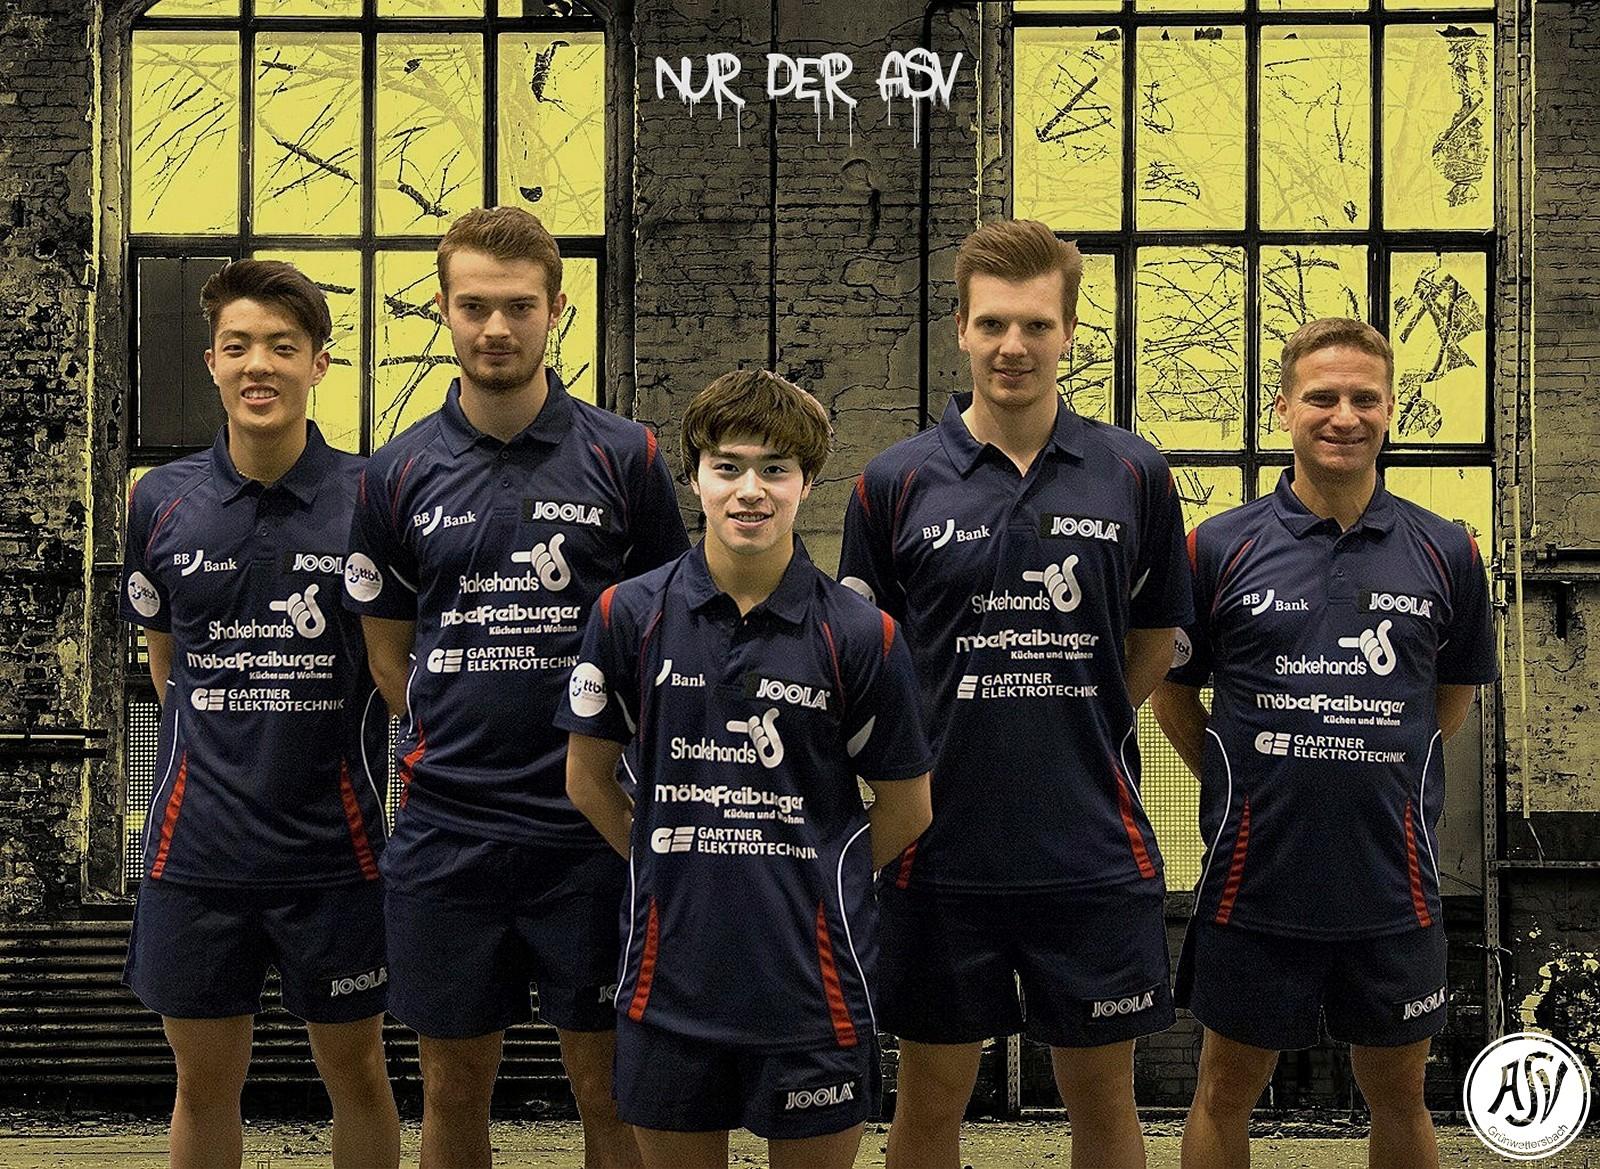 Team ASV 2017/18